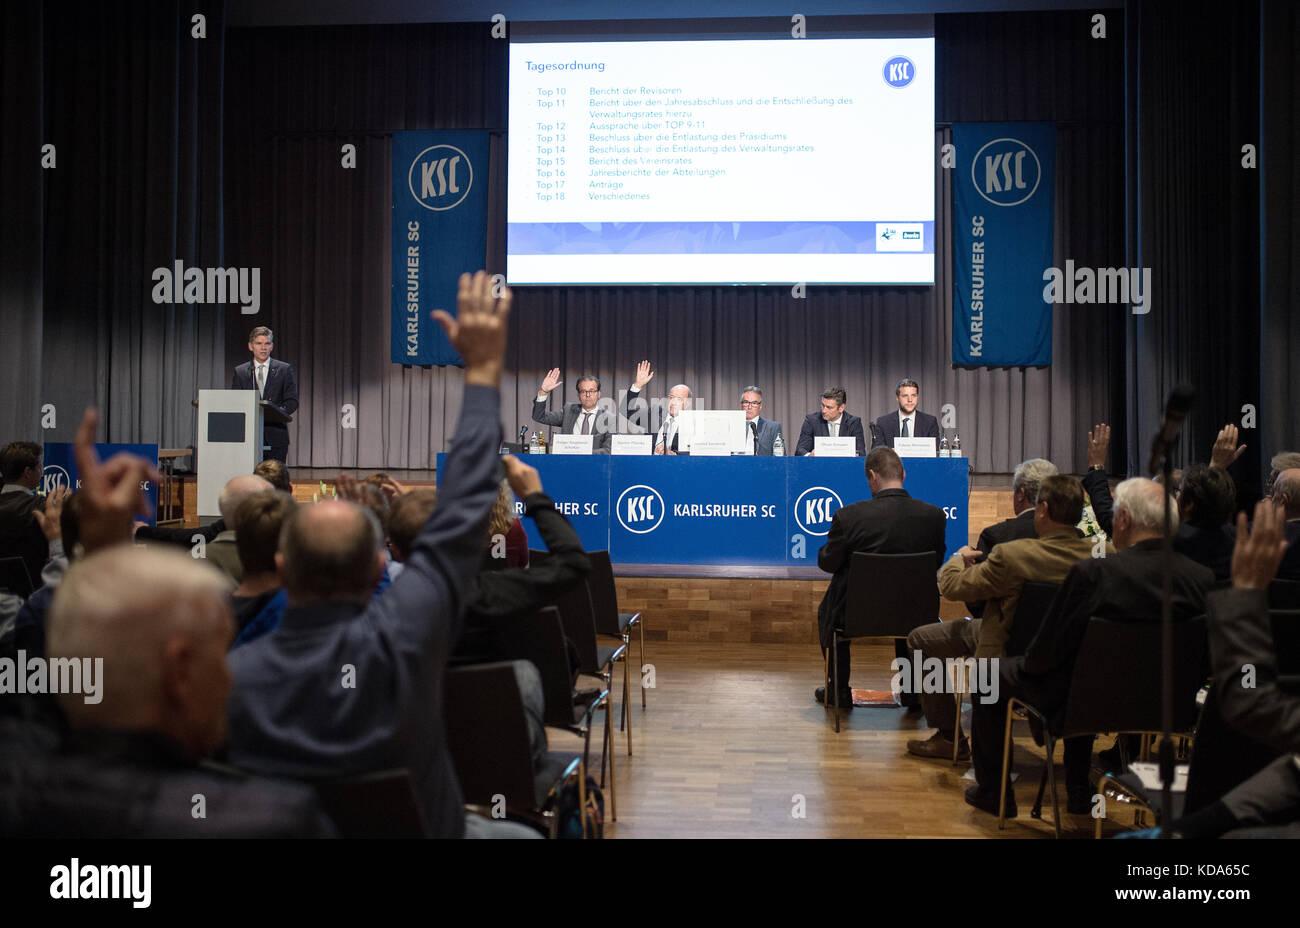 Karlsruhe Nereut, Deutschland. 12th Oct, 2017. Die Mitglieder entlasten Praesidium und Verwaltungsrat. left to right - Stock Image